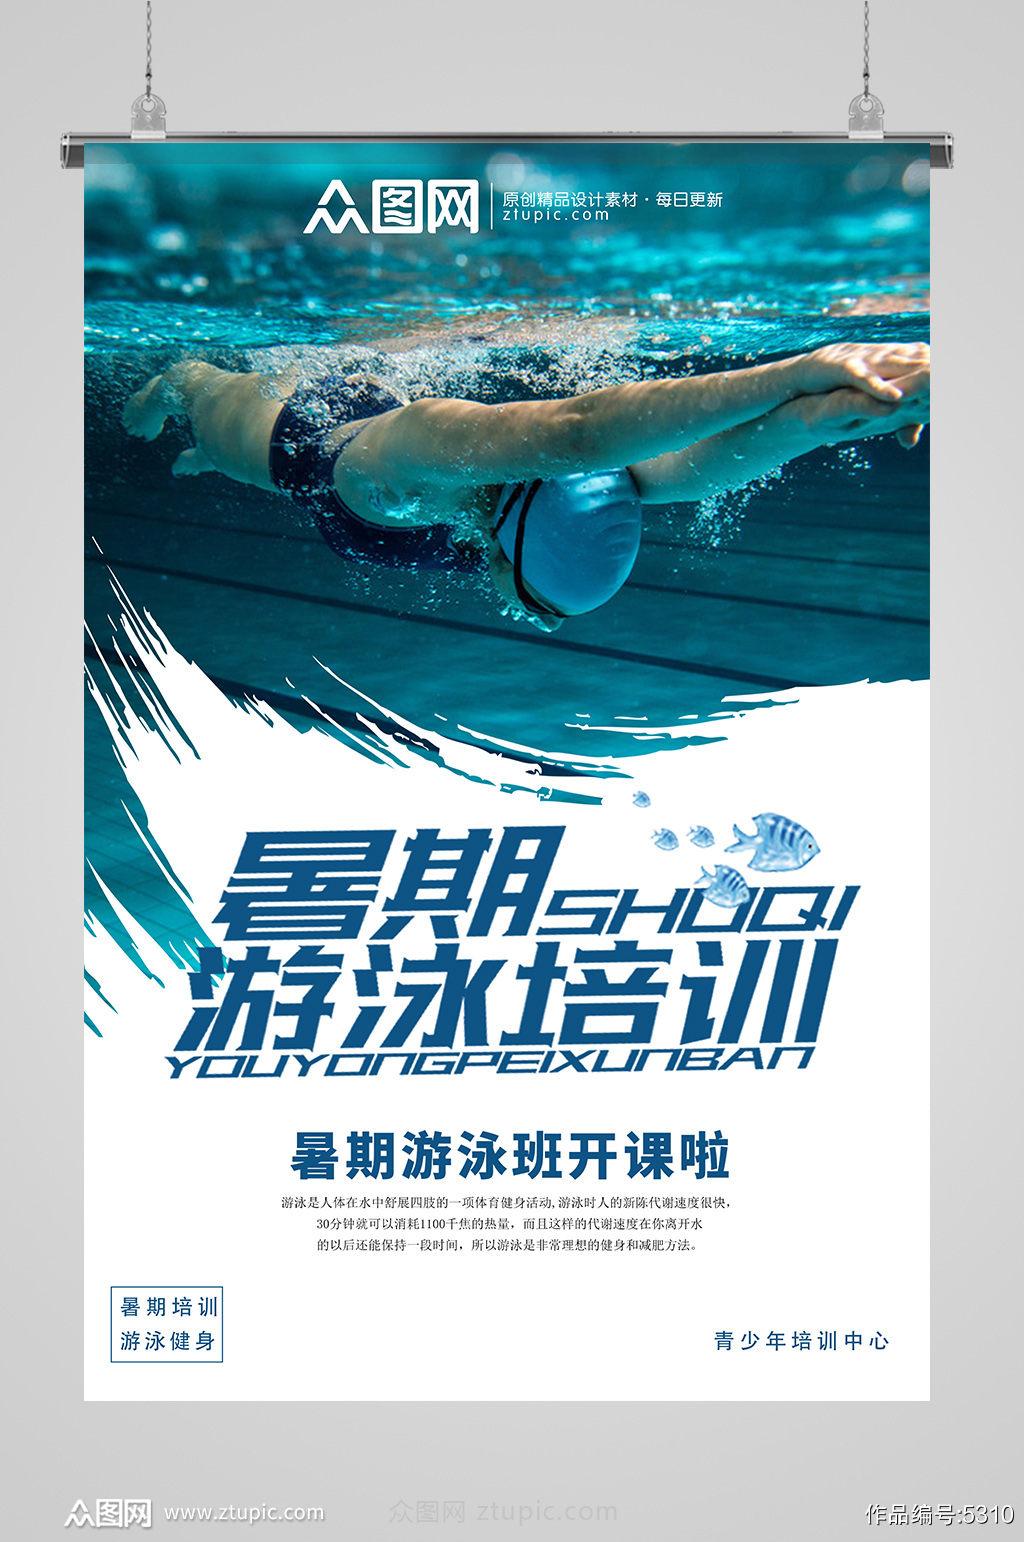 蓝色简洁游泳培训班招生海报素材